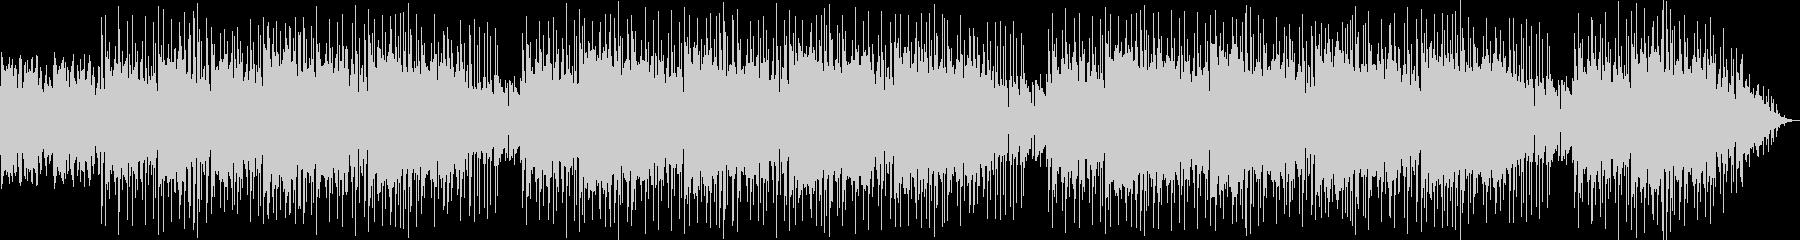 アンビエント系のヒップホップインストの未再生の波形